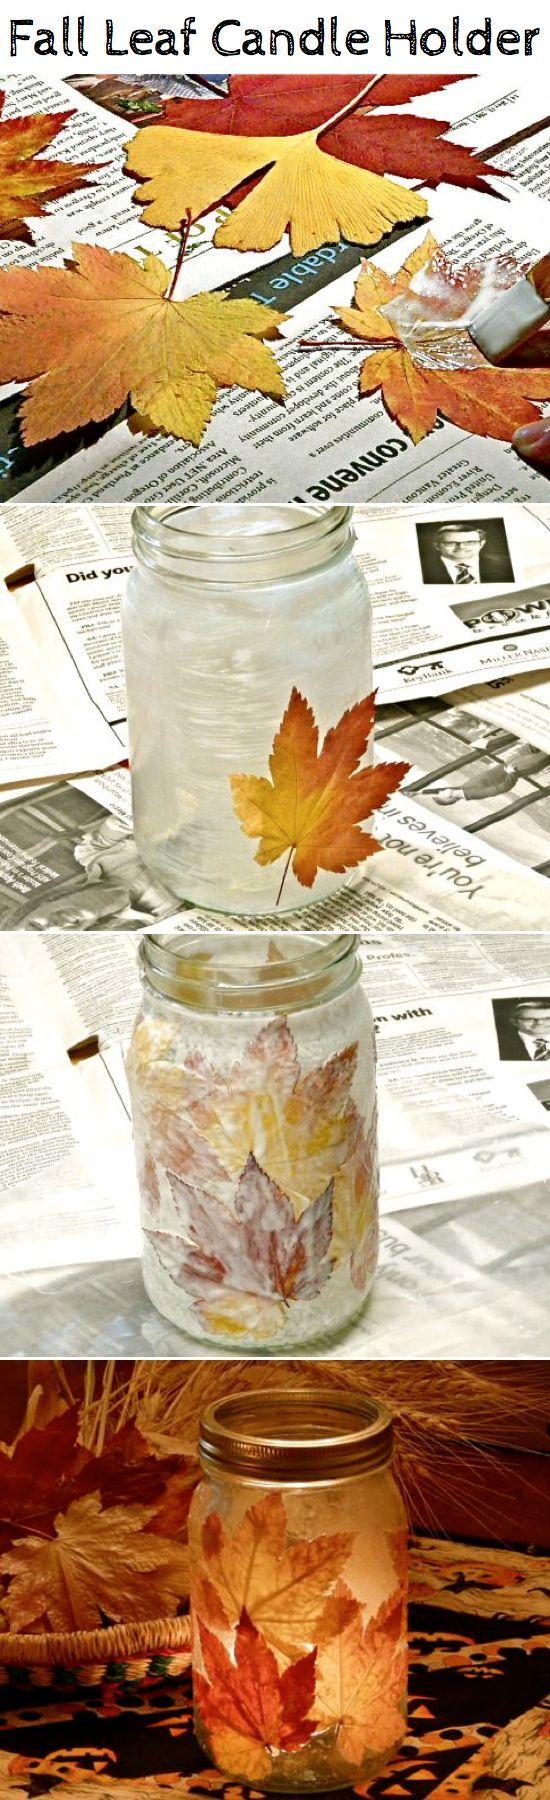 DIY Fall Leaf Candle Holder